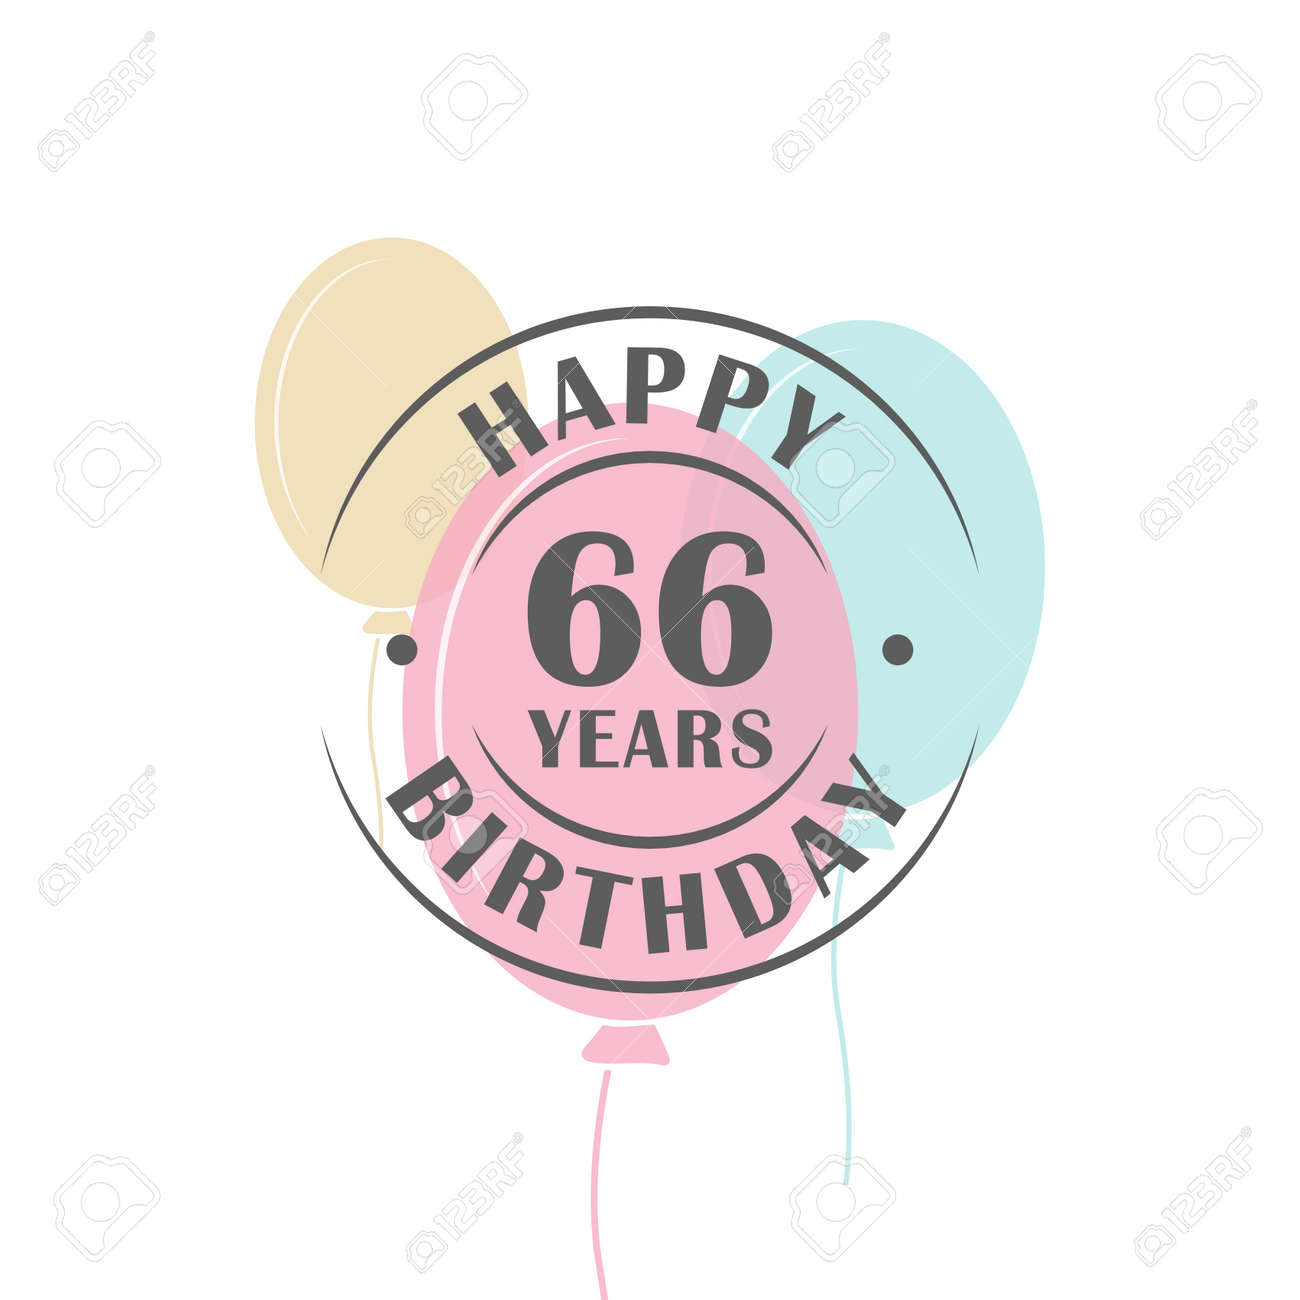 Alles Gute Zum Geburtstag 66 Jahre Logo Mit Festlichen Ballons